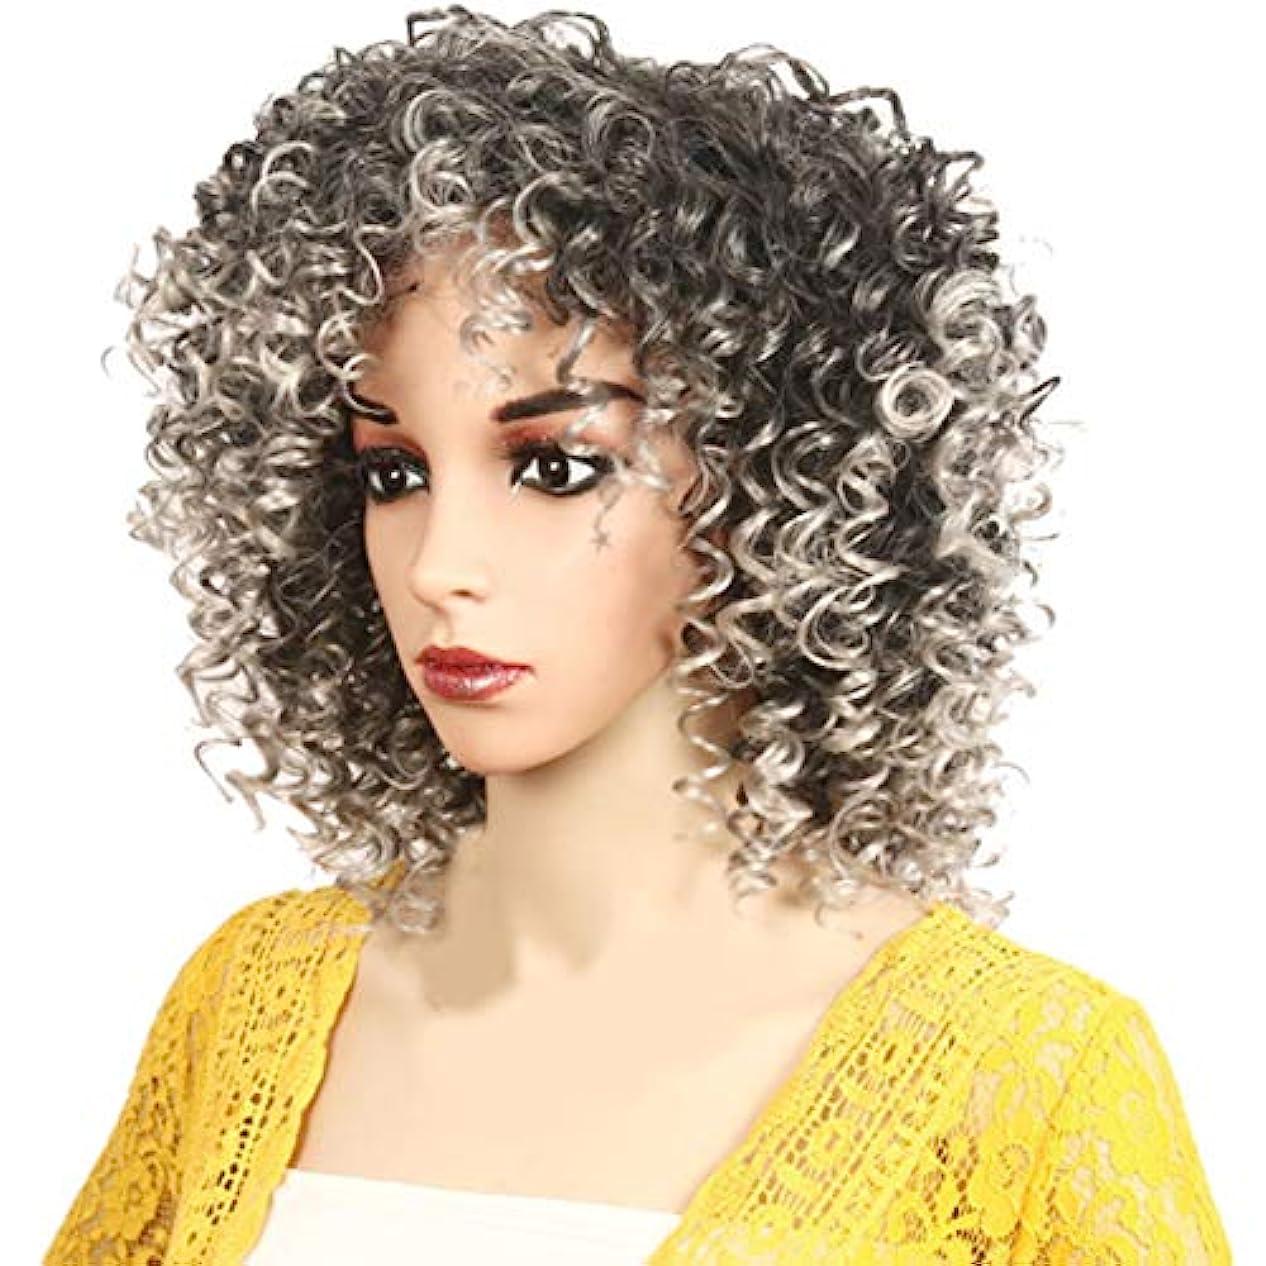 サイレントアロング愛人アフリカの黒人女性のかつら短い巻き毛のかつらふわふわ自然は低温二次形状で矯正することができます,Gray